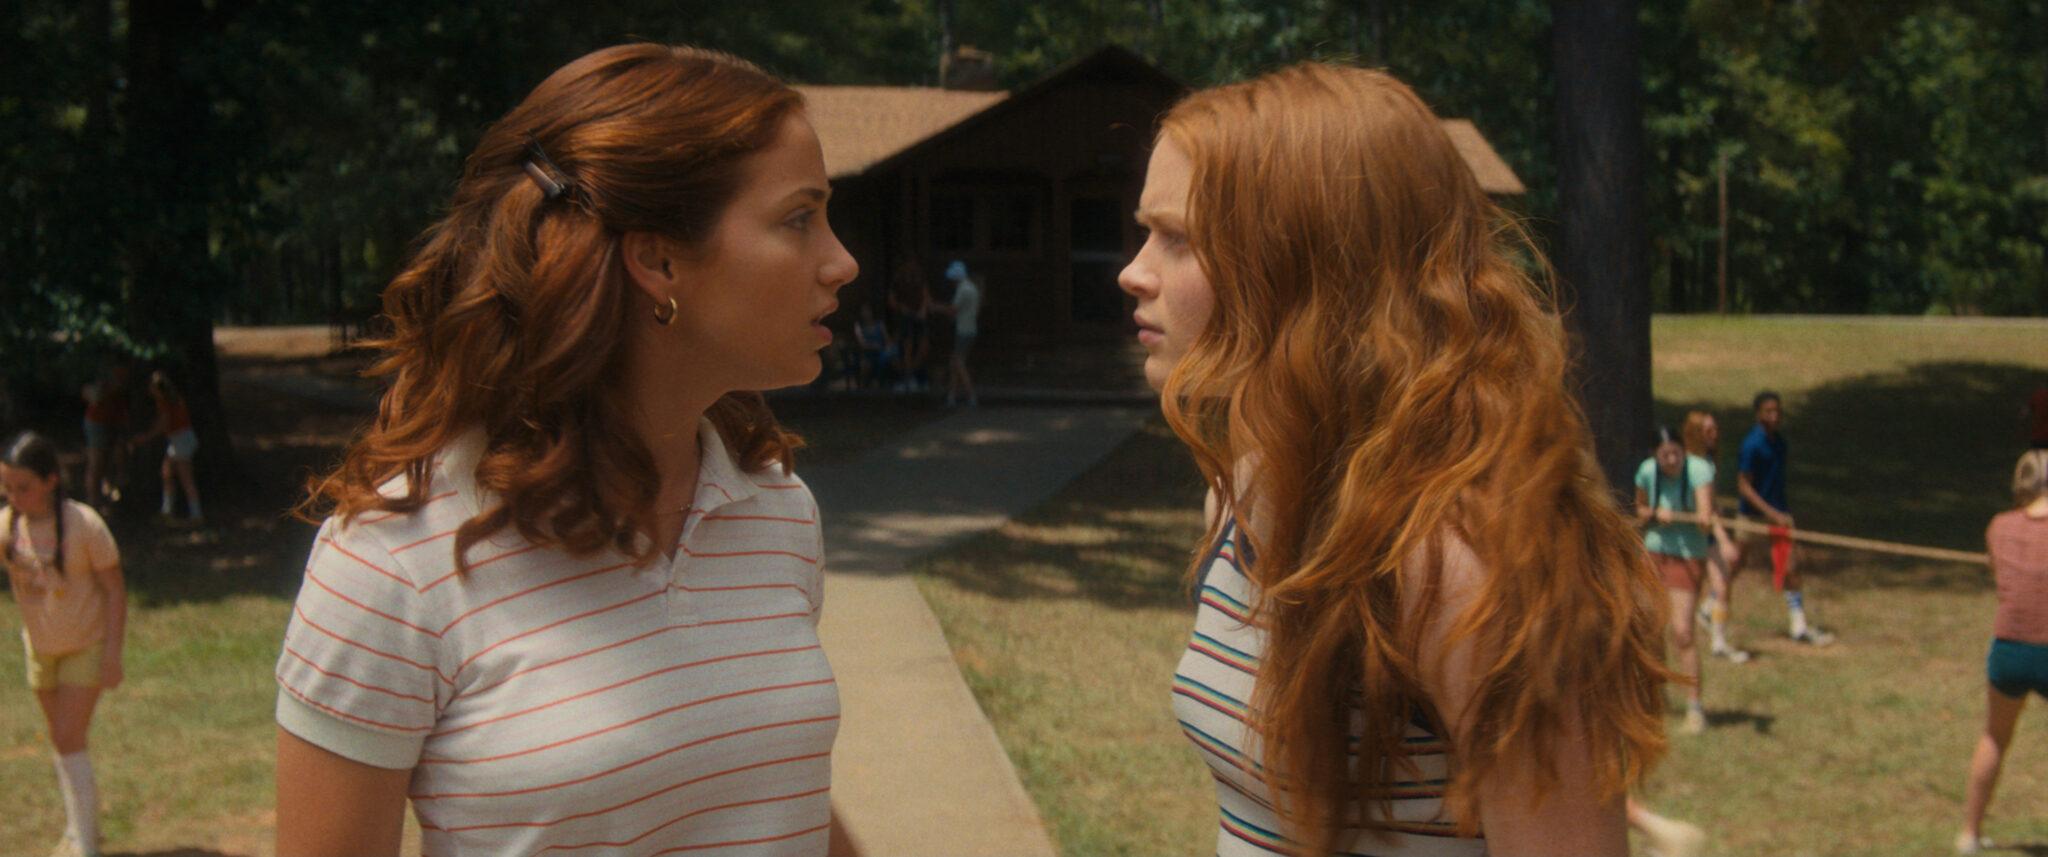 Emily Rudd und Sadie Sink als die Geschwister Ziggy und Cindy Berman, die sich streitend gegenüberstehen.